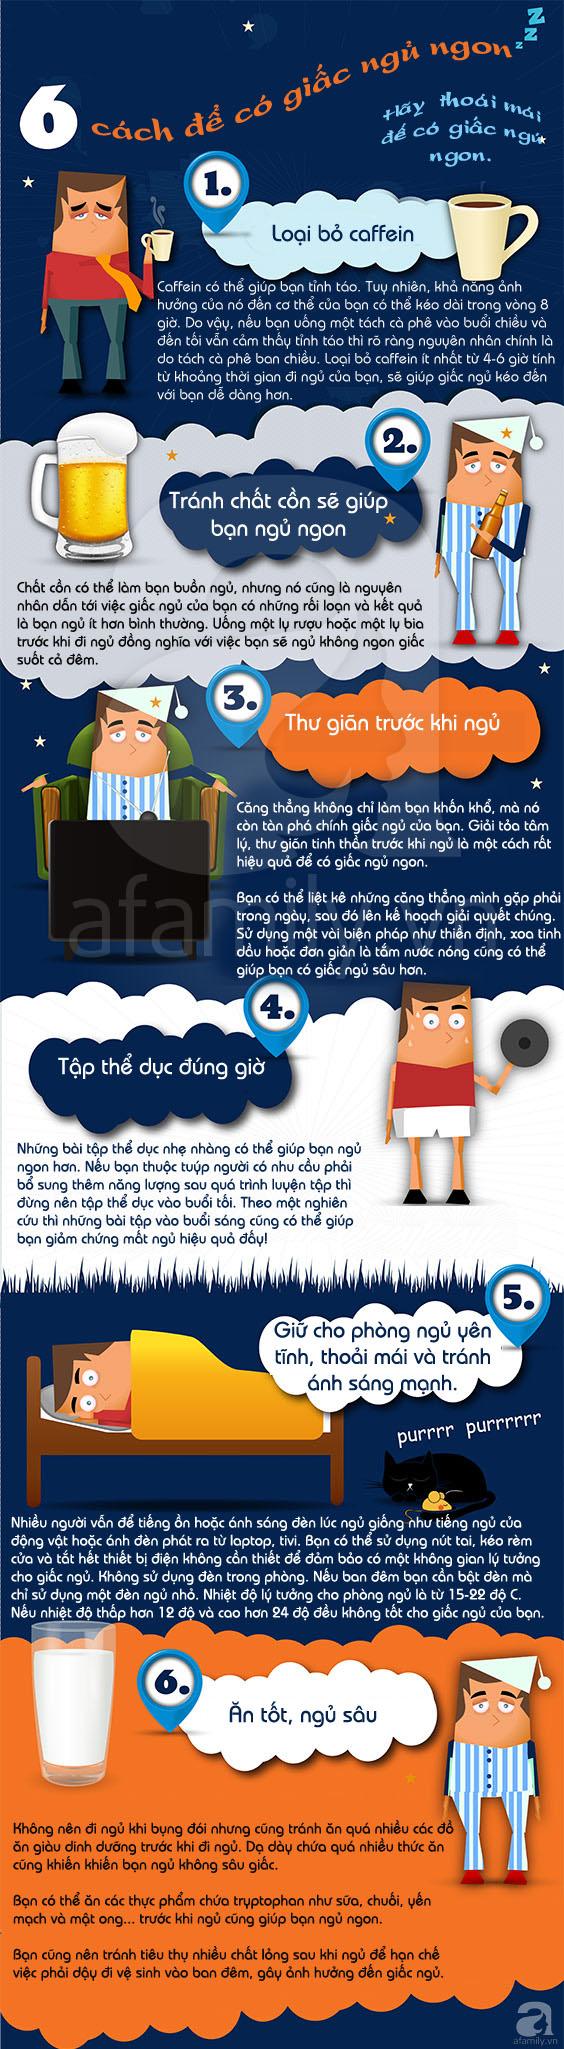 6 bí quyết tuyệt vời giúp bạn có giấc ngủ ngon 1